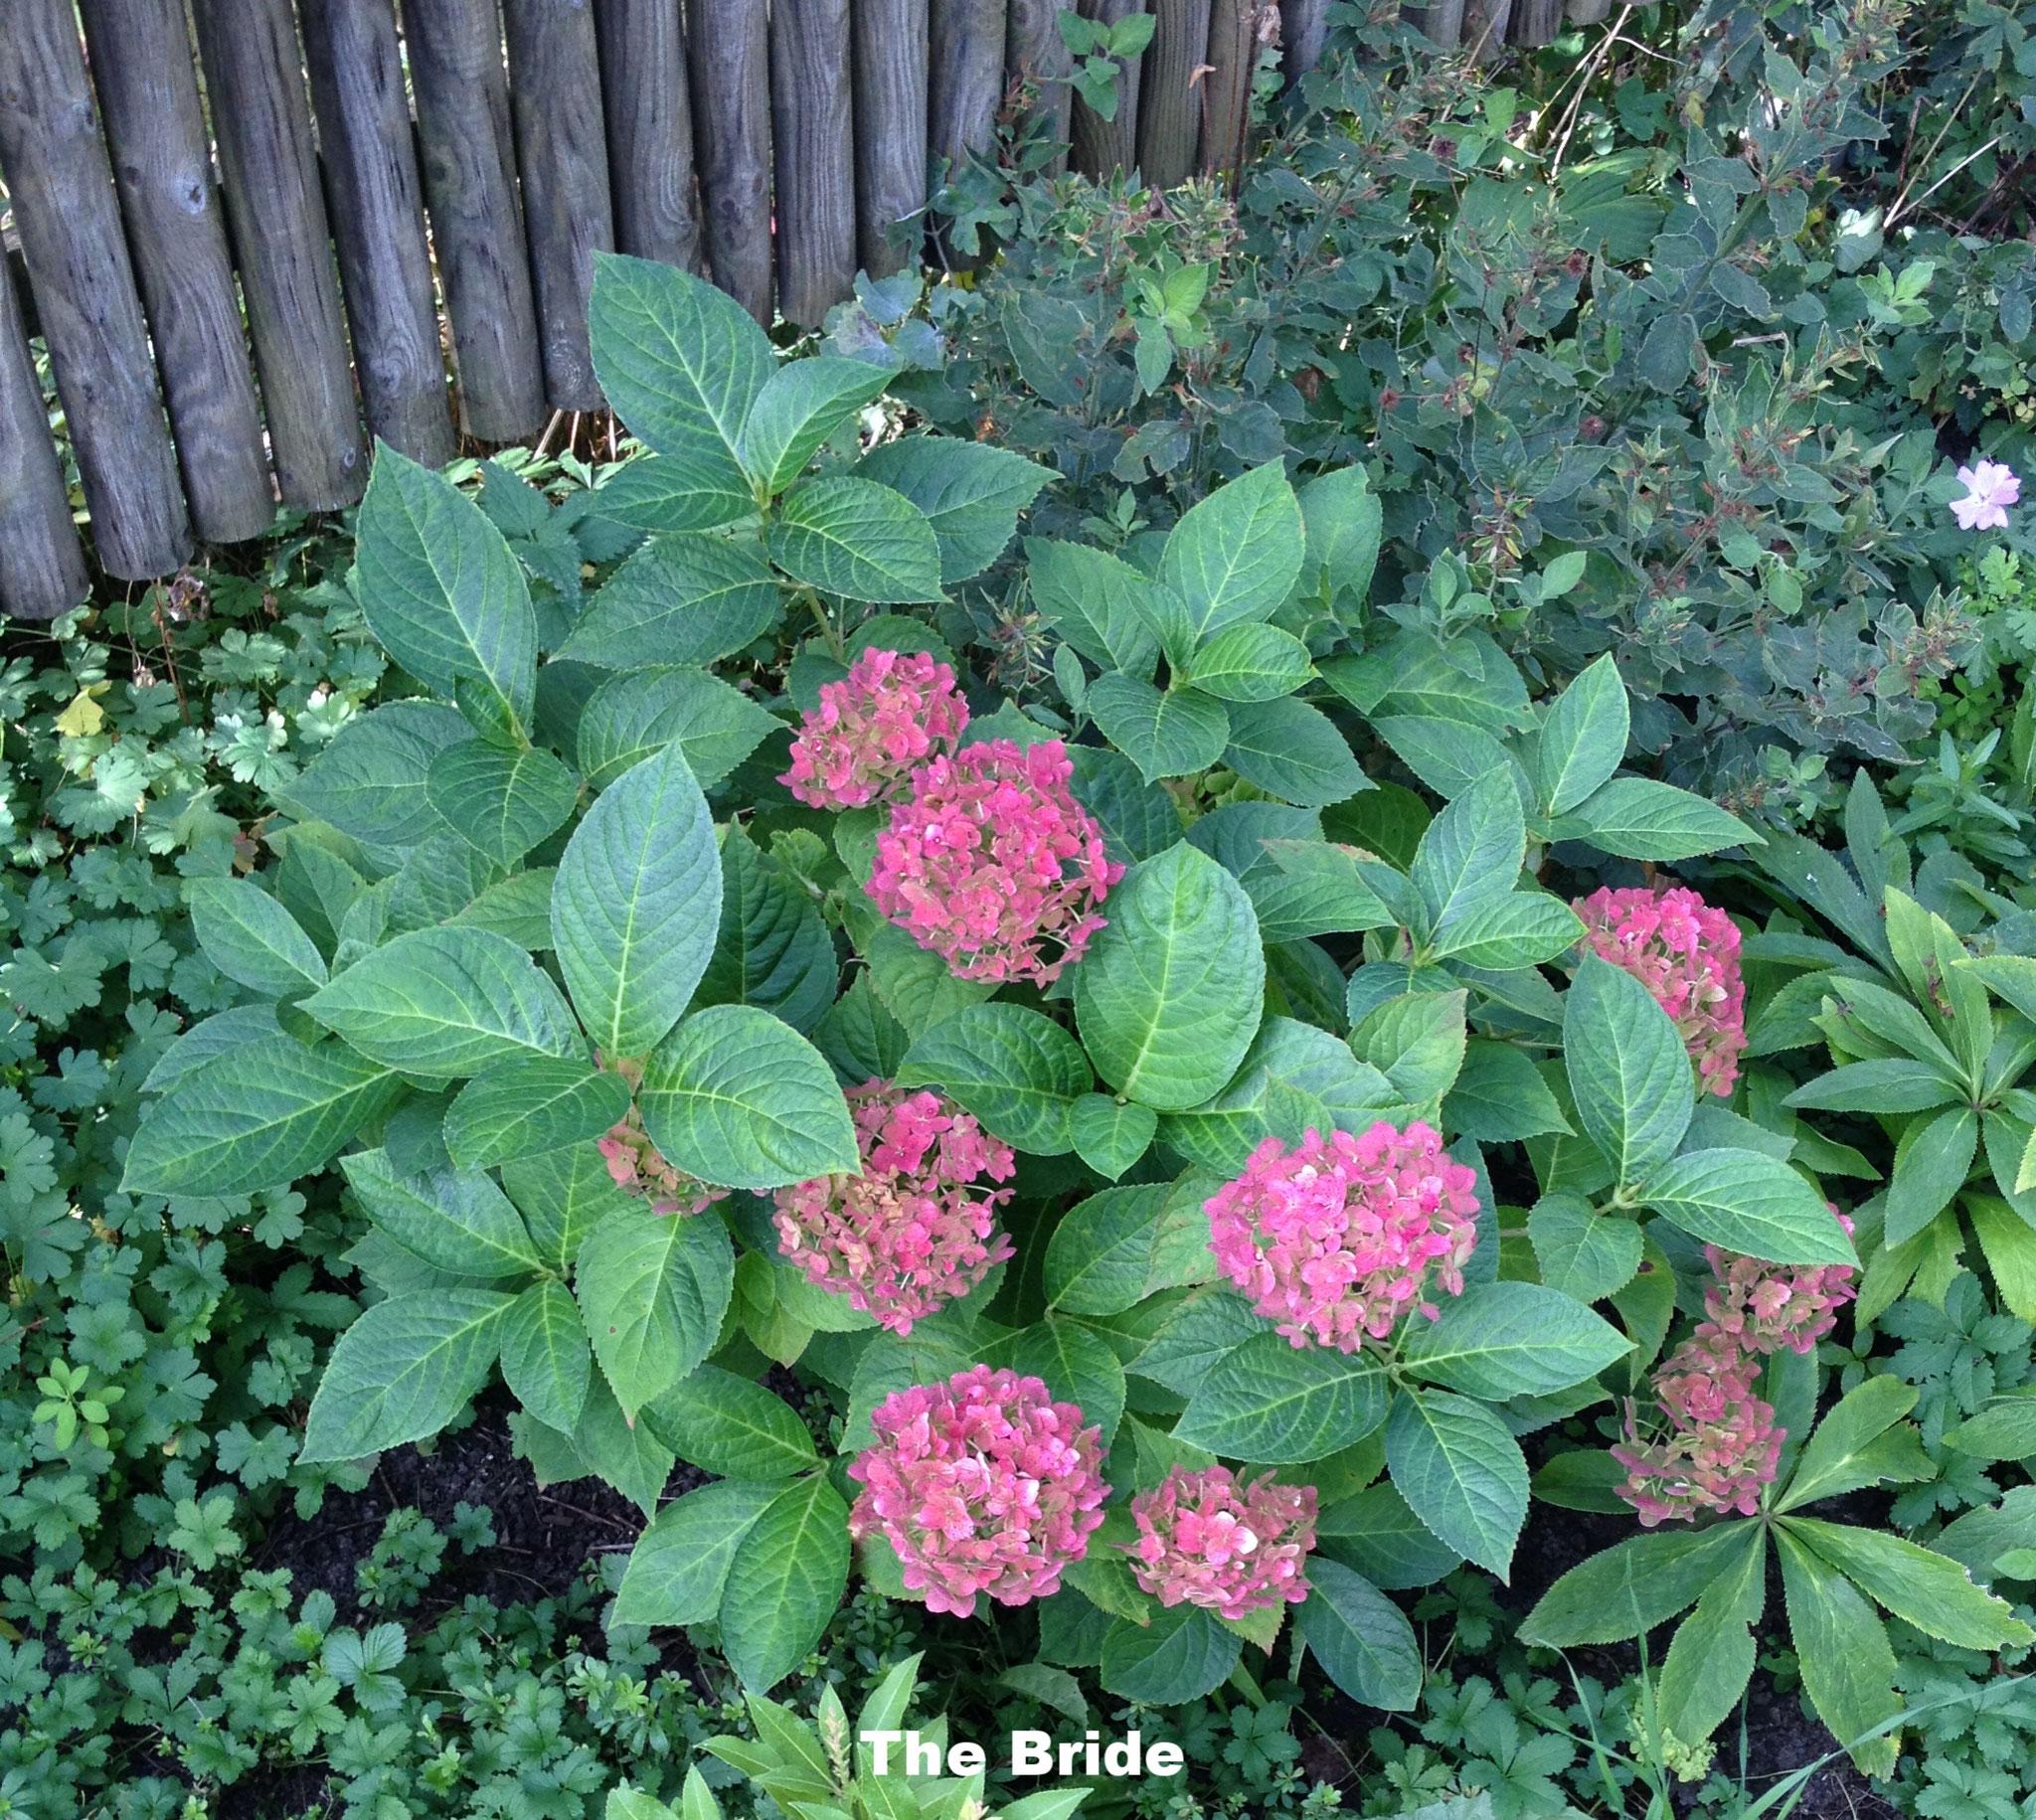 Hortensie Endless Summer reinweiß bis rot im Verblühen